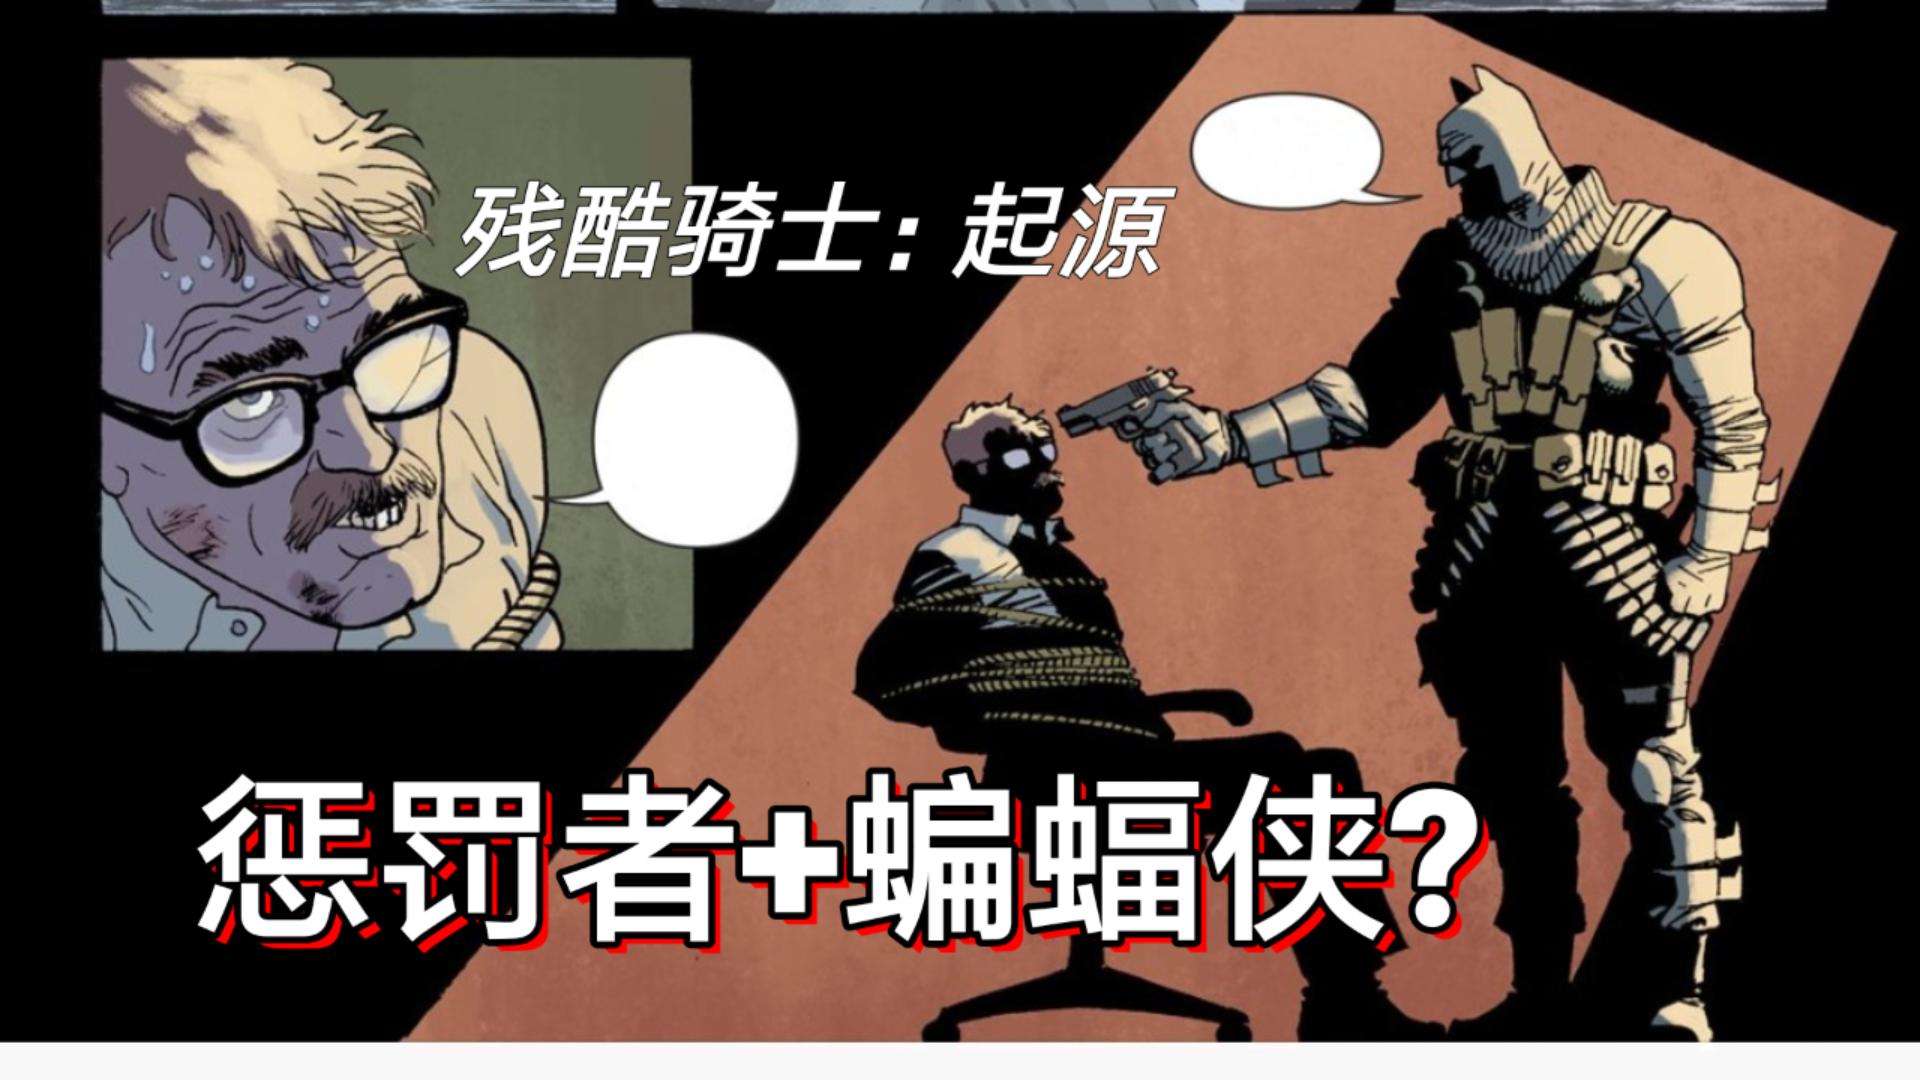 【鲍漫】蝙蝠侠要杀掉戈登?用枪杀人的蝙蝠侠 残酷骑士:起源